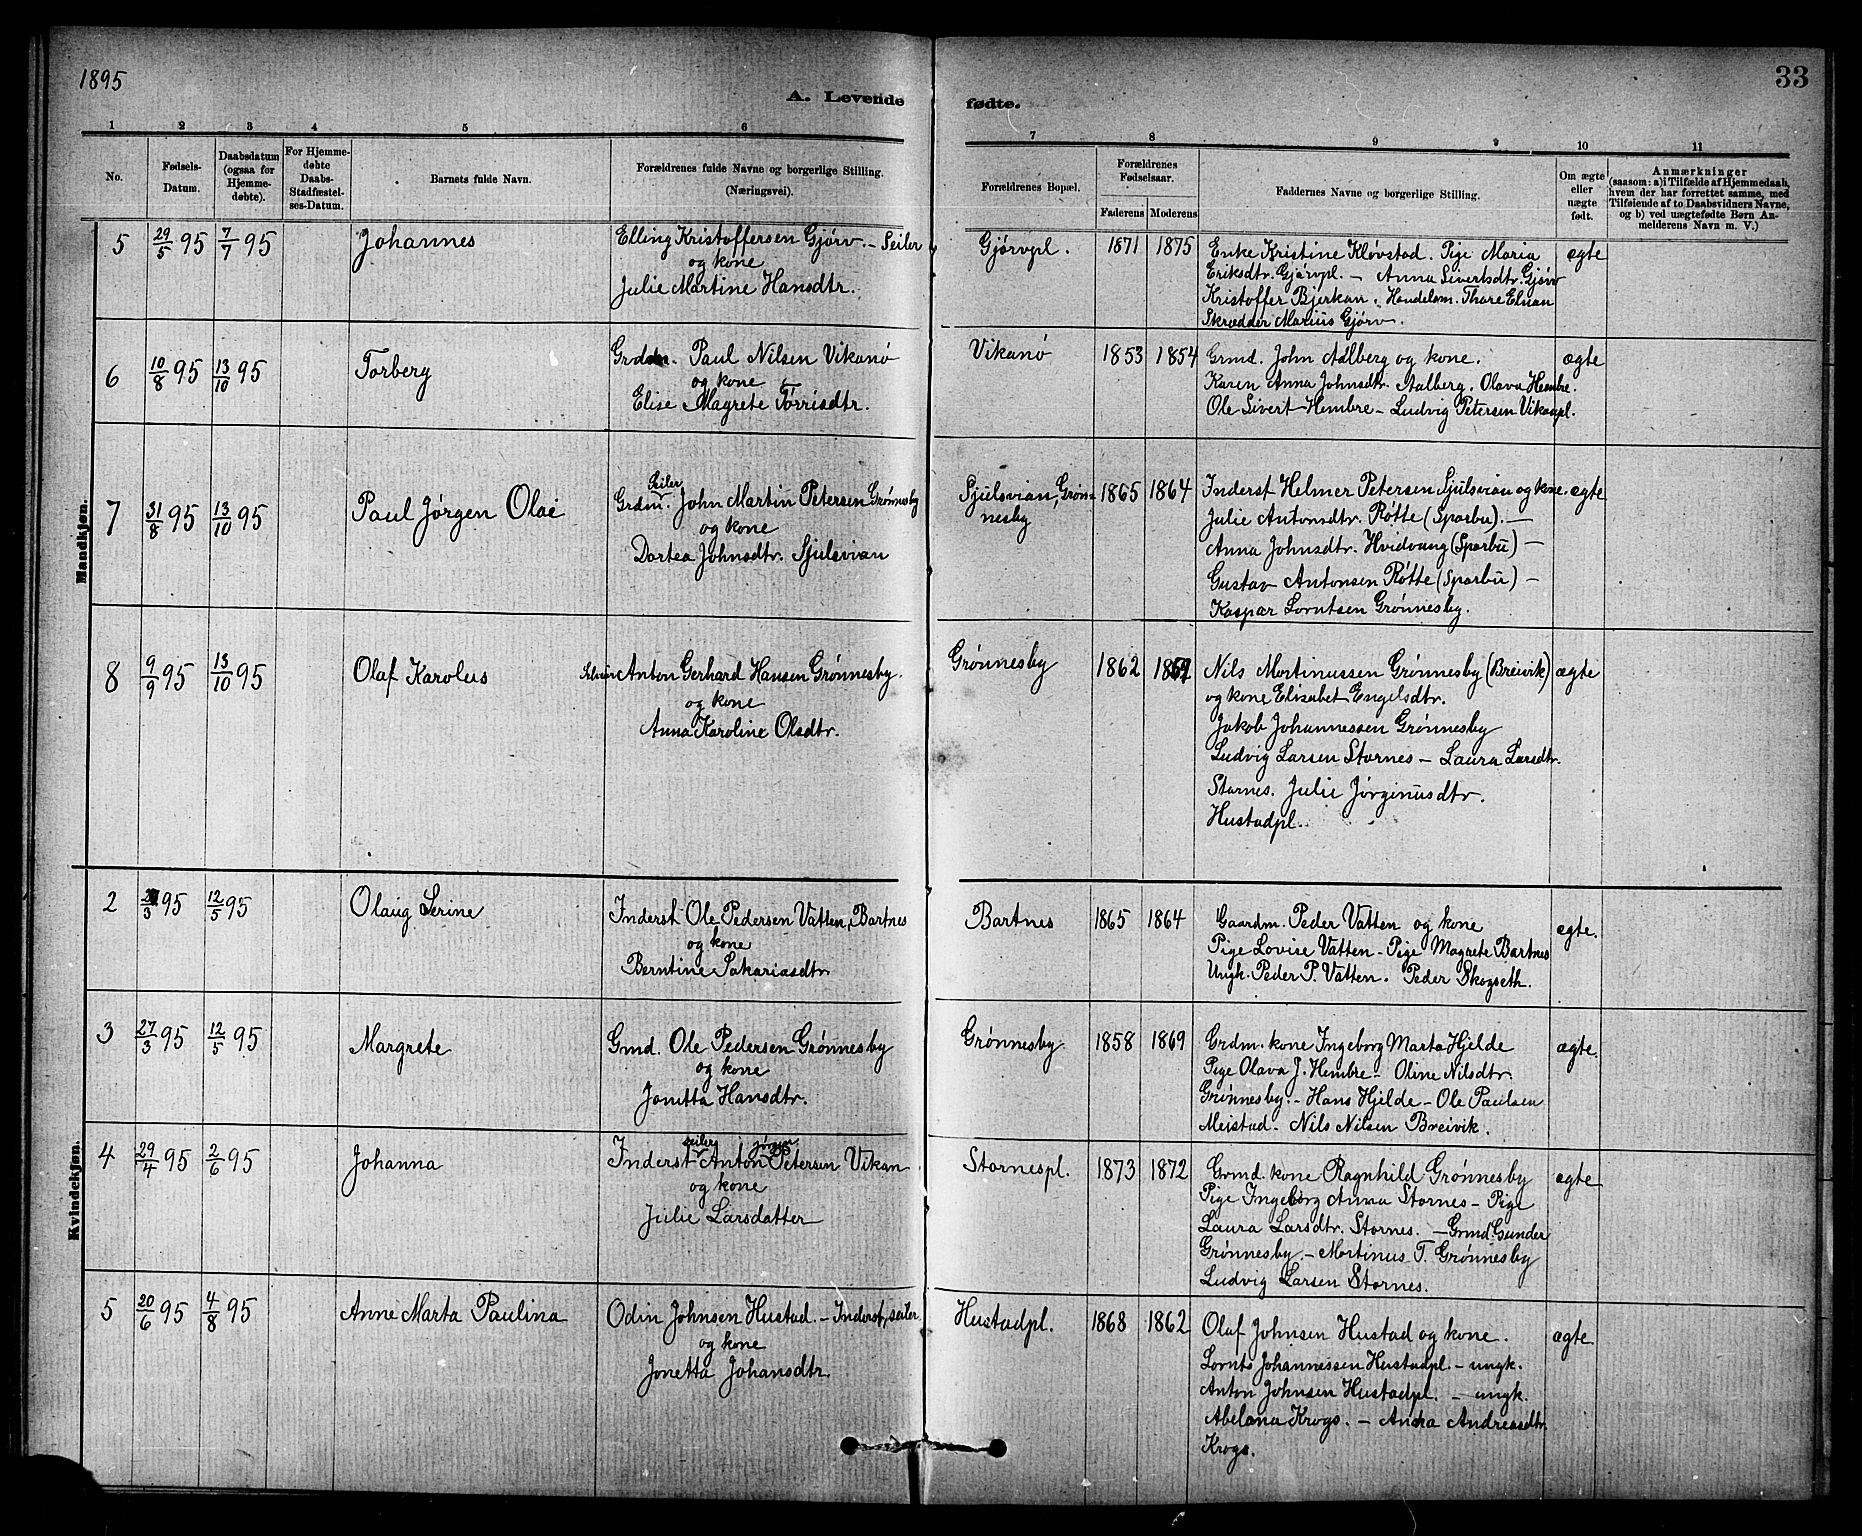 SAT, Ministerialprotokoller, klokkerbøker og fødselsregistre - Nord-Trøndelag, 732/L0318: Klokkerbok nr. 732C02, 1881-1911, s. 33